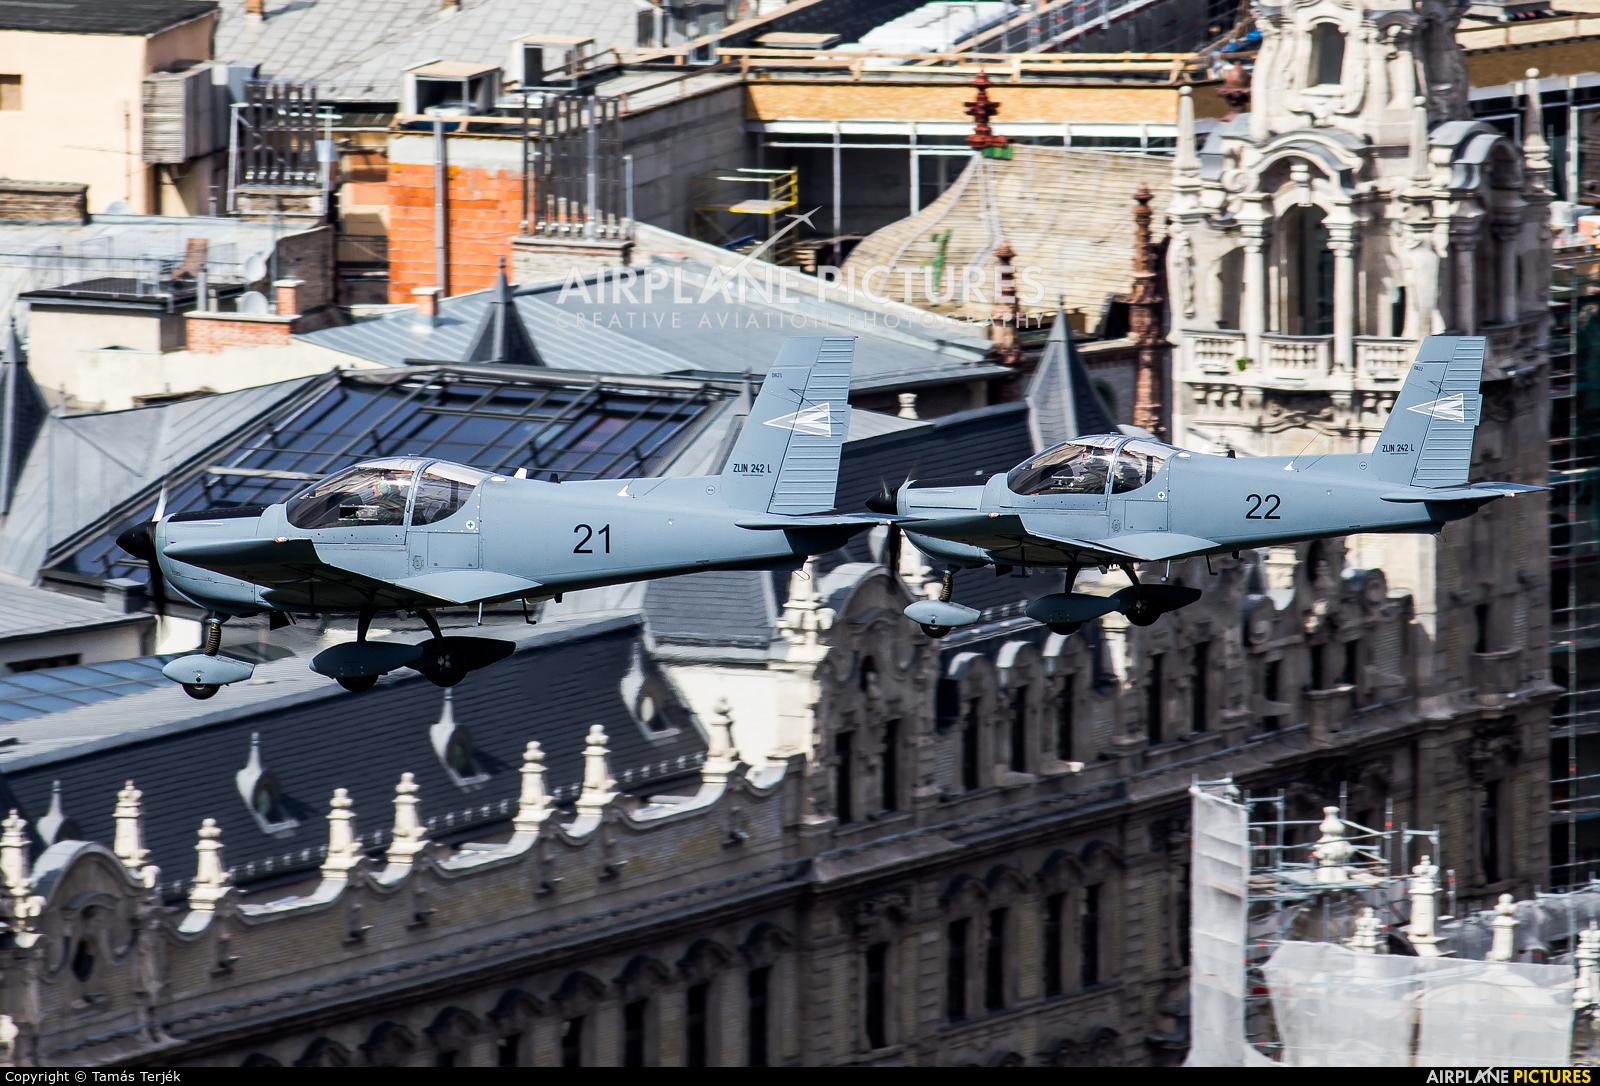 Hungary - Air Force 21 aircraft at